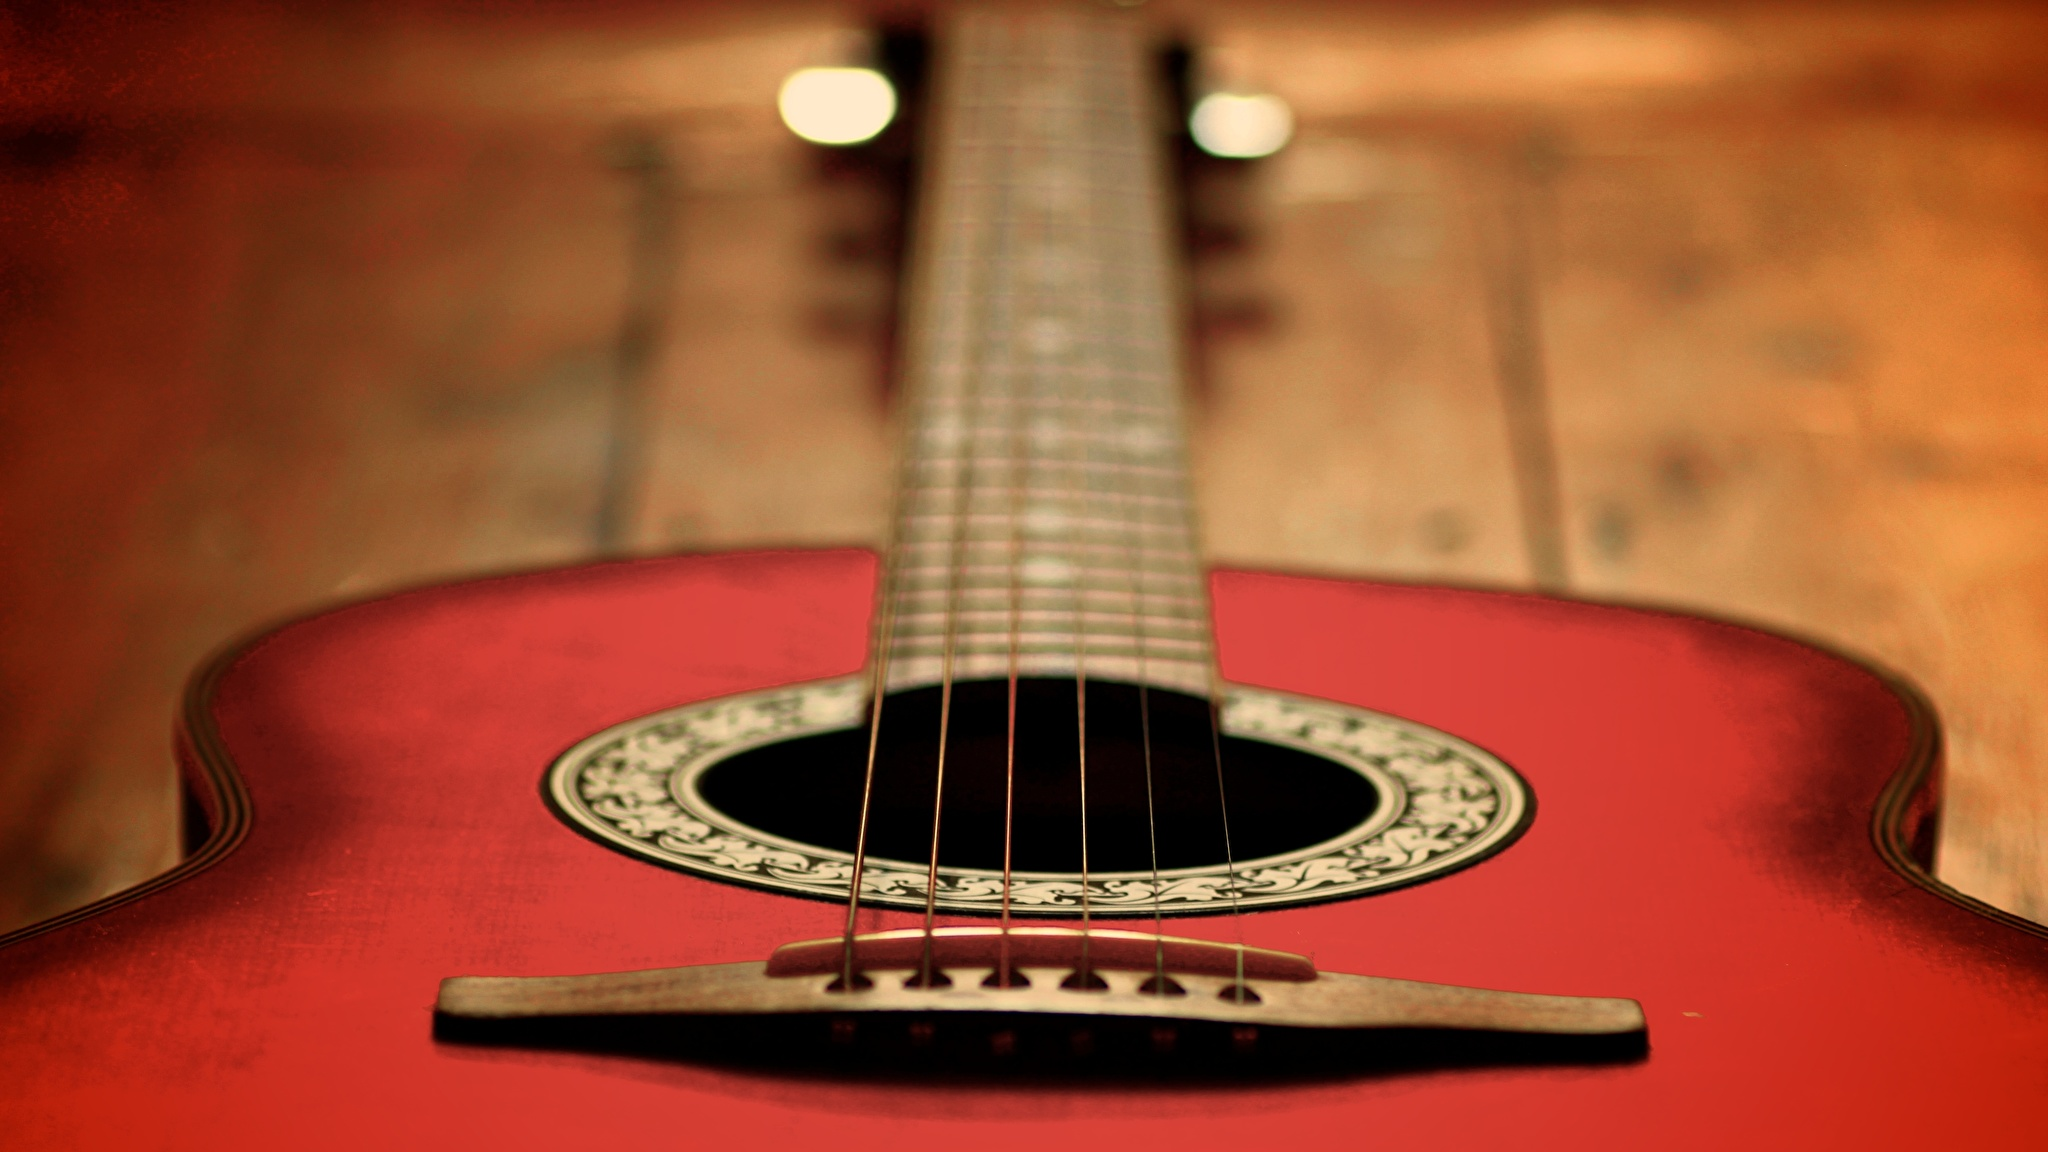 музыкальный инструмент струны макро скачать